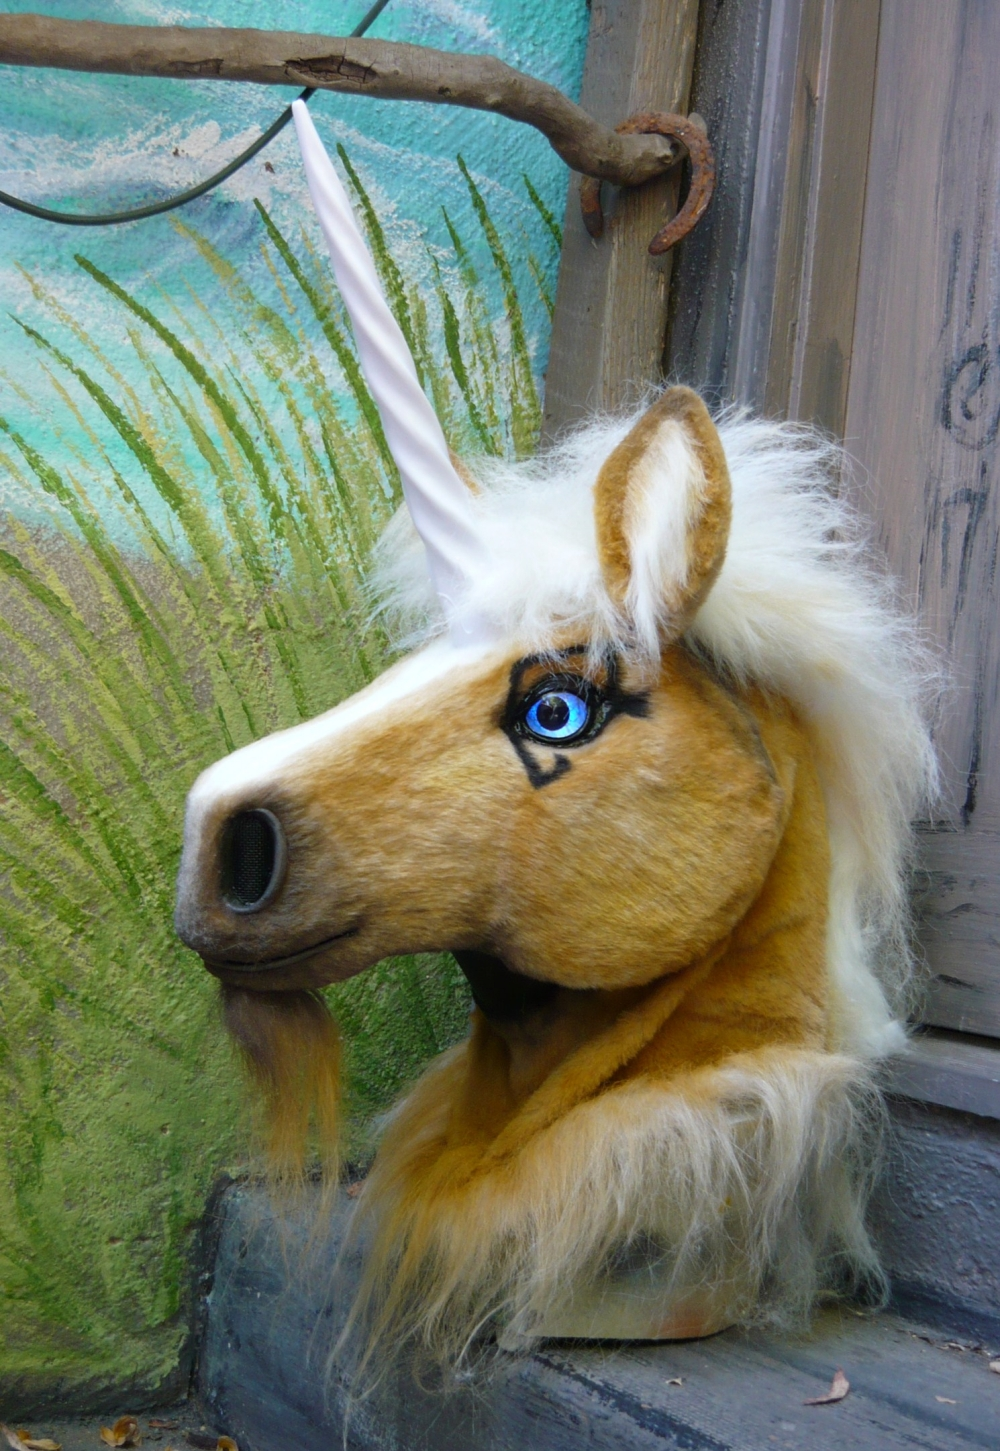 palomino unicorn by suncloud14 - photo #4